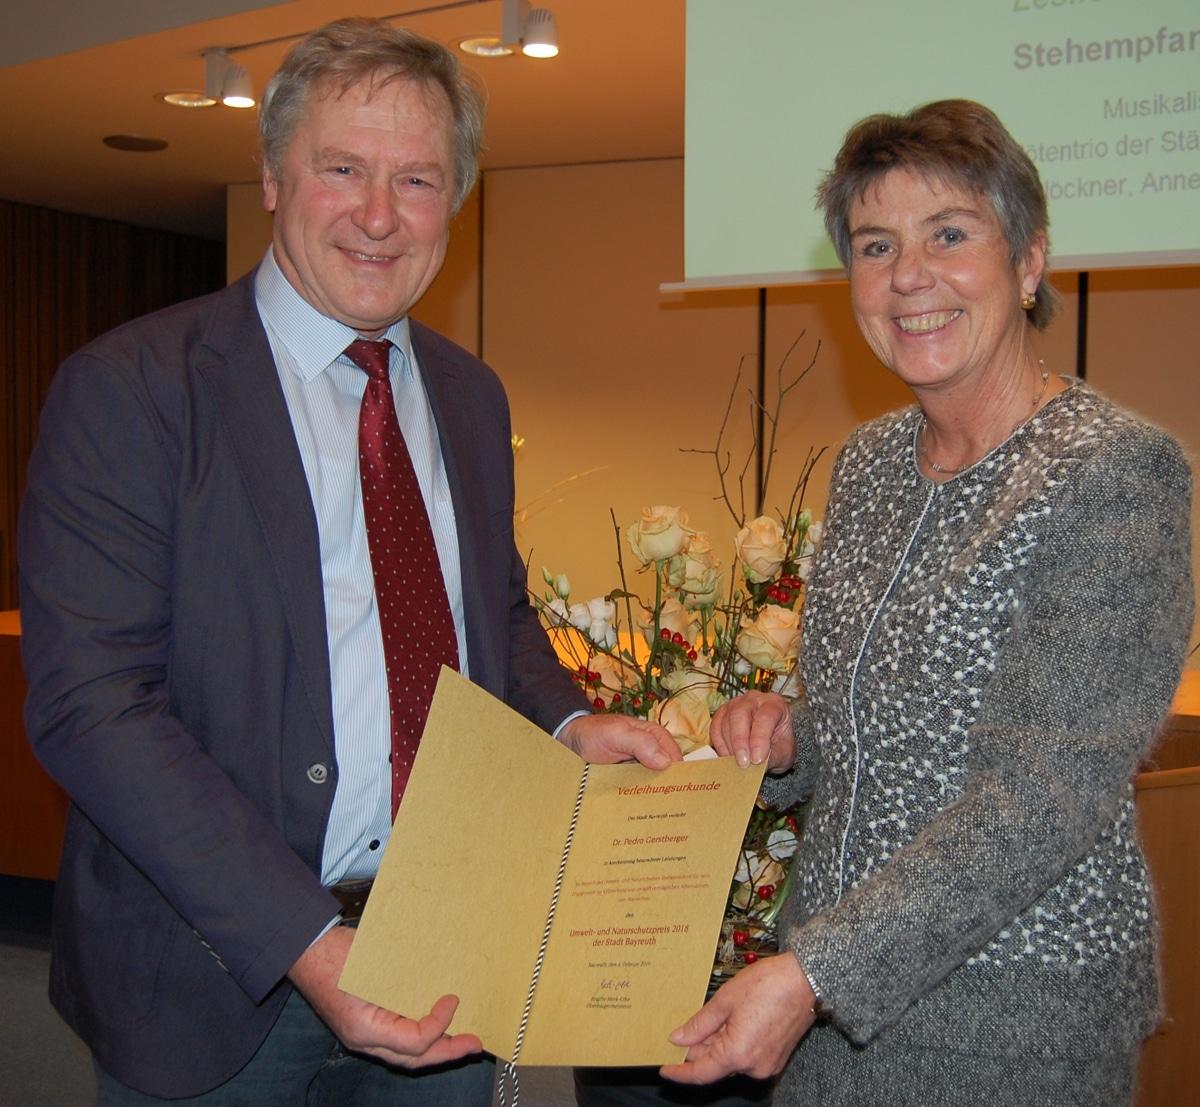 Dr. Pedro Gerstberger und Oberbürgermeisterin Brigitte Merk-Erbe